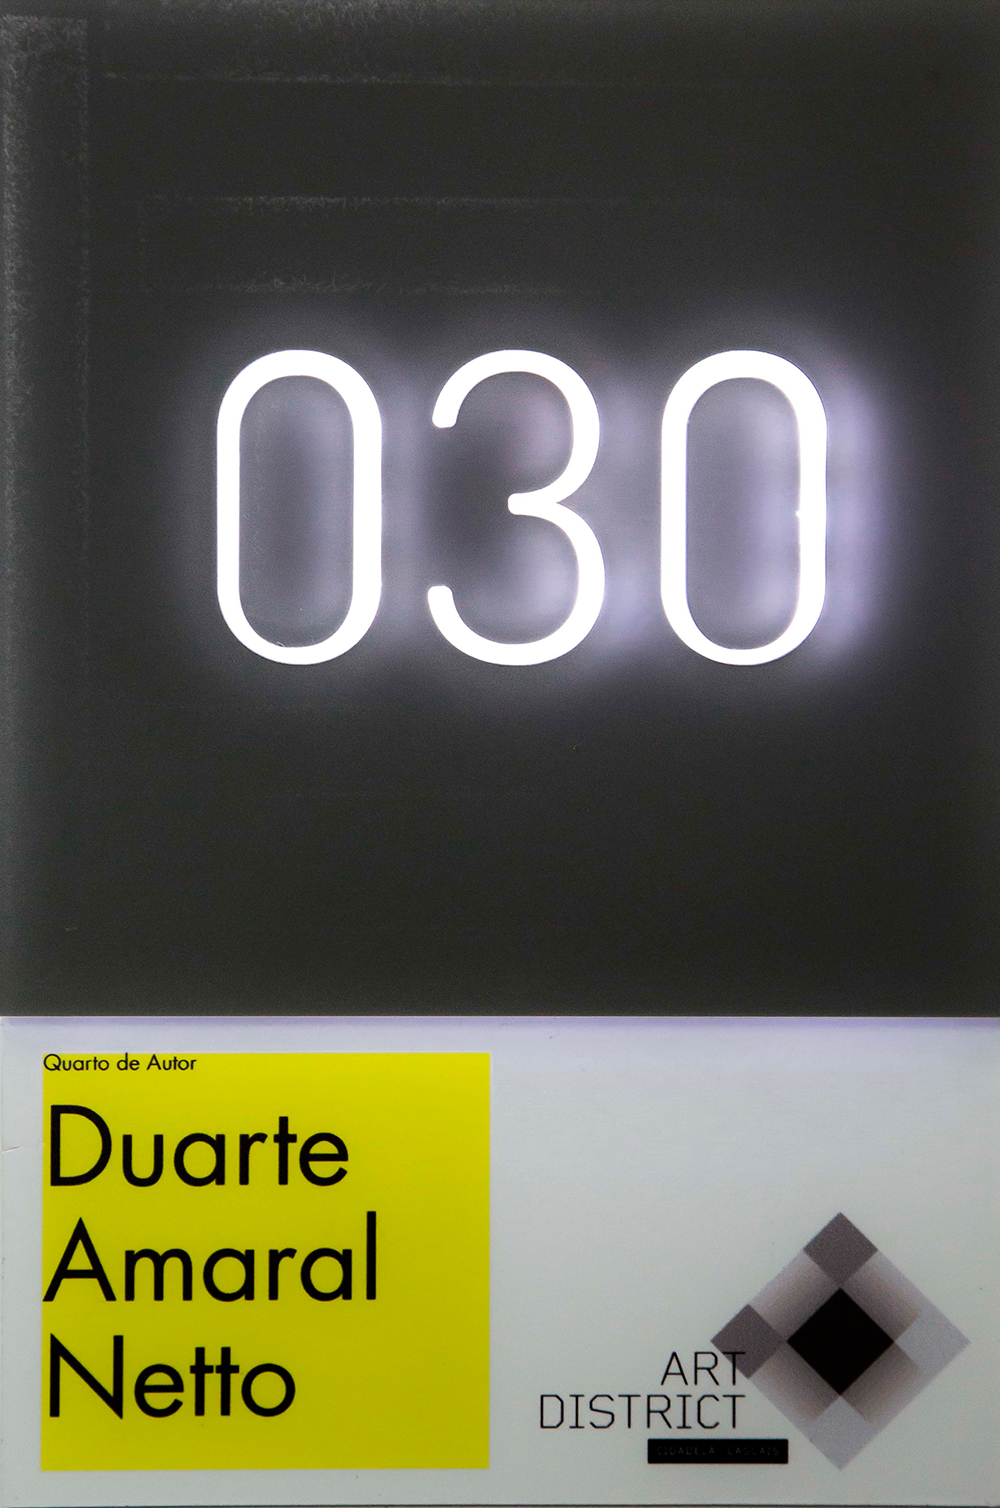 Pousada-Takeover---Quarto-030---Duarte-Amaral-Netto.jpg